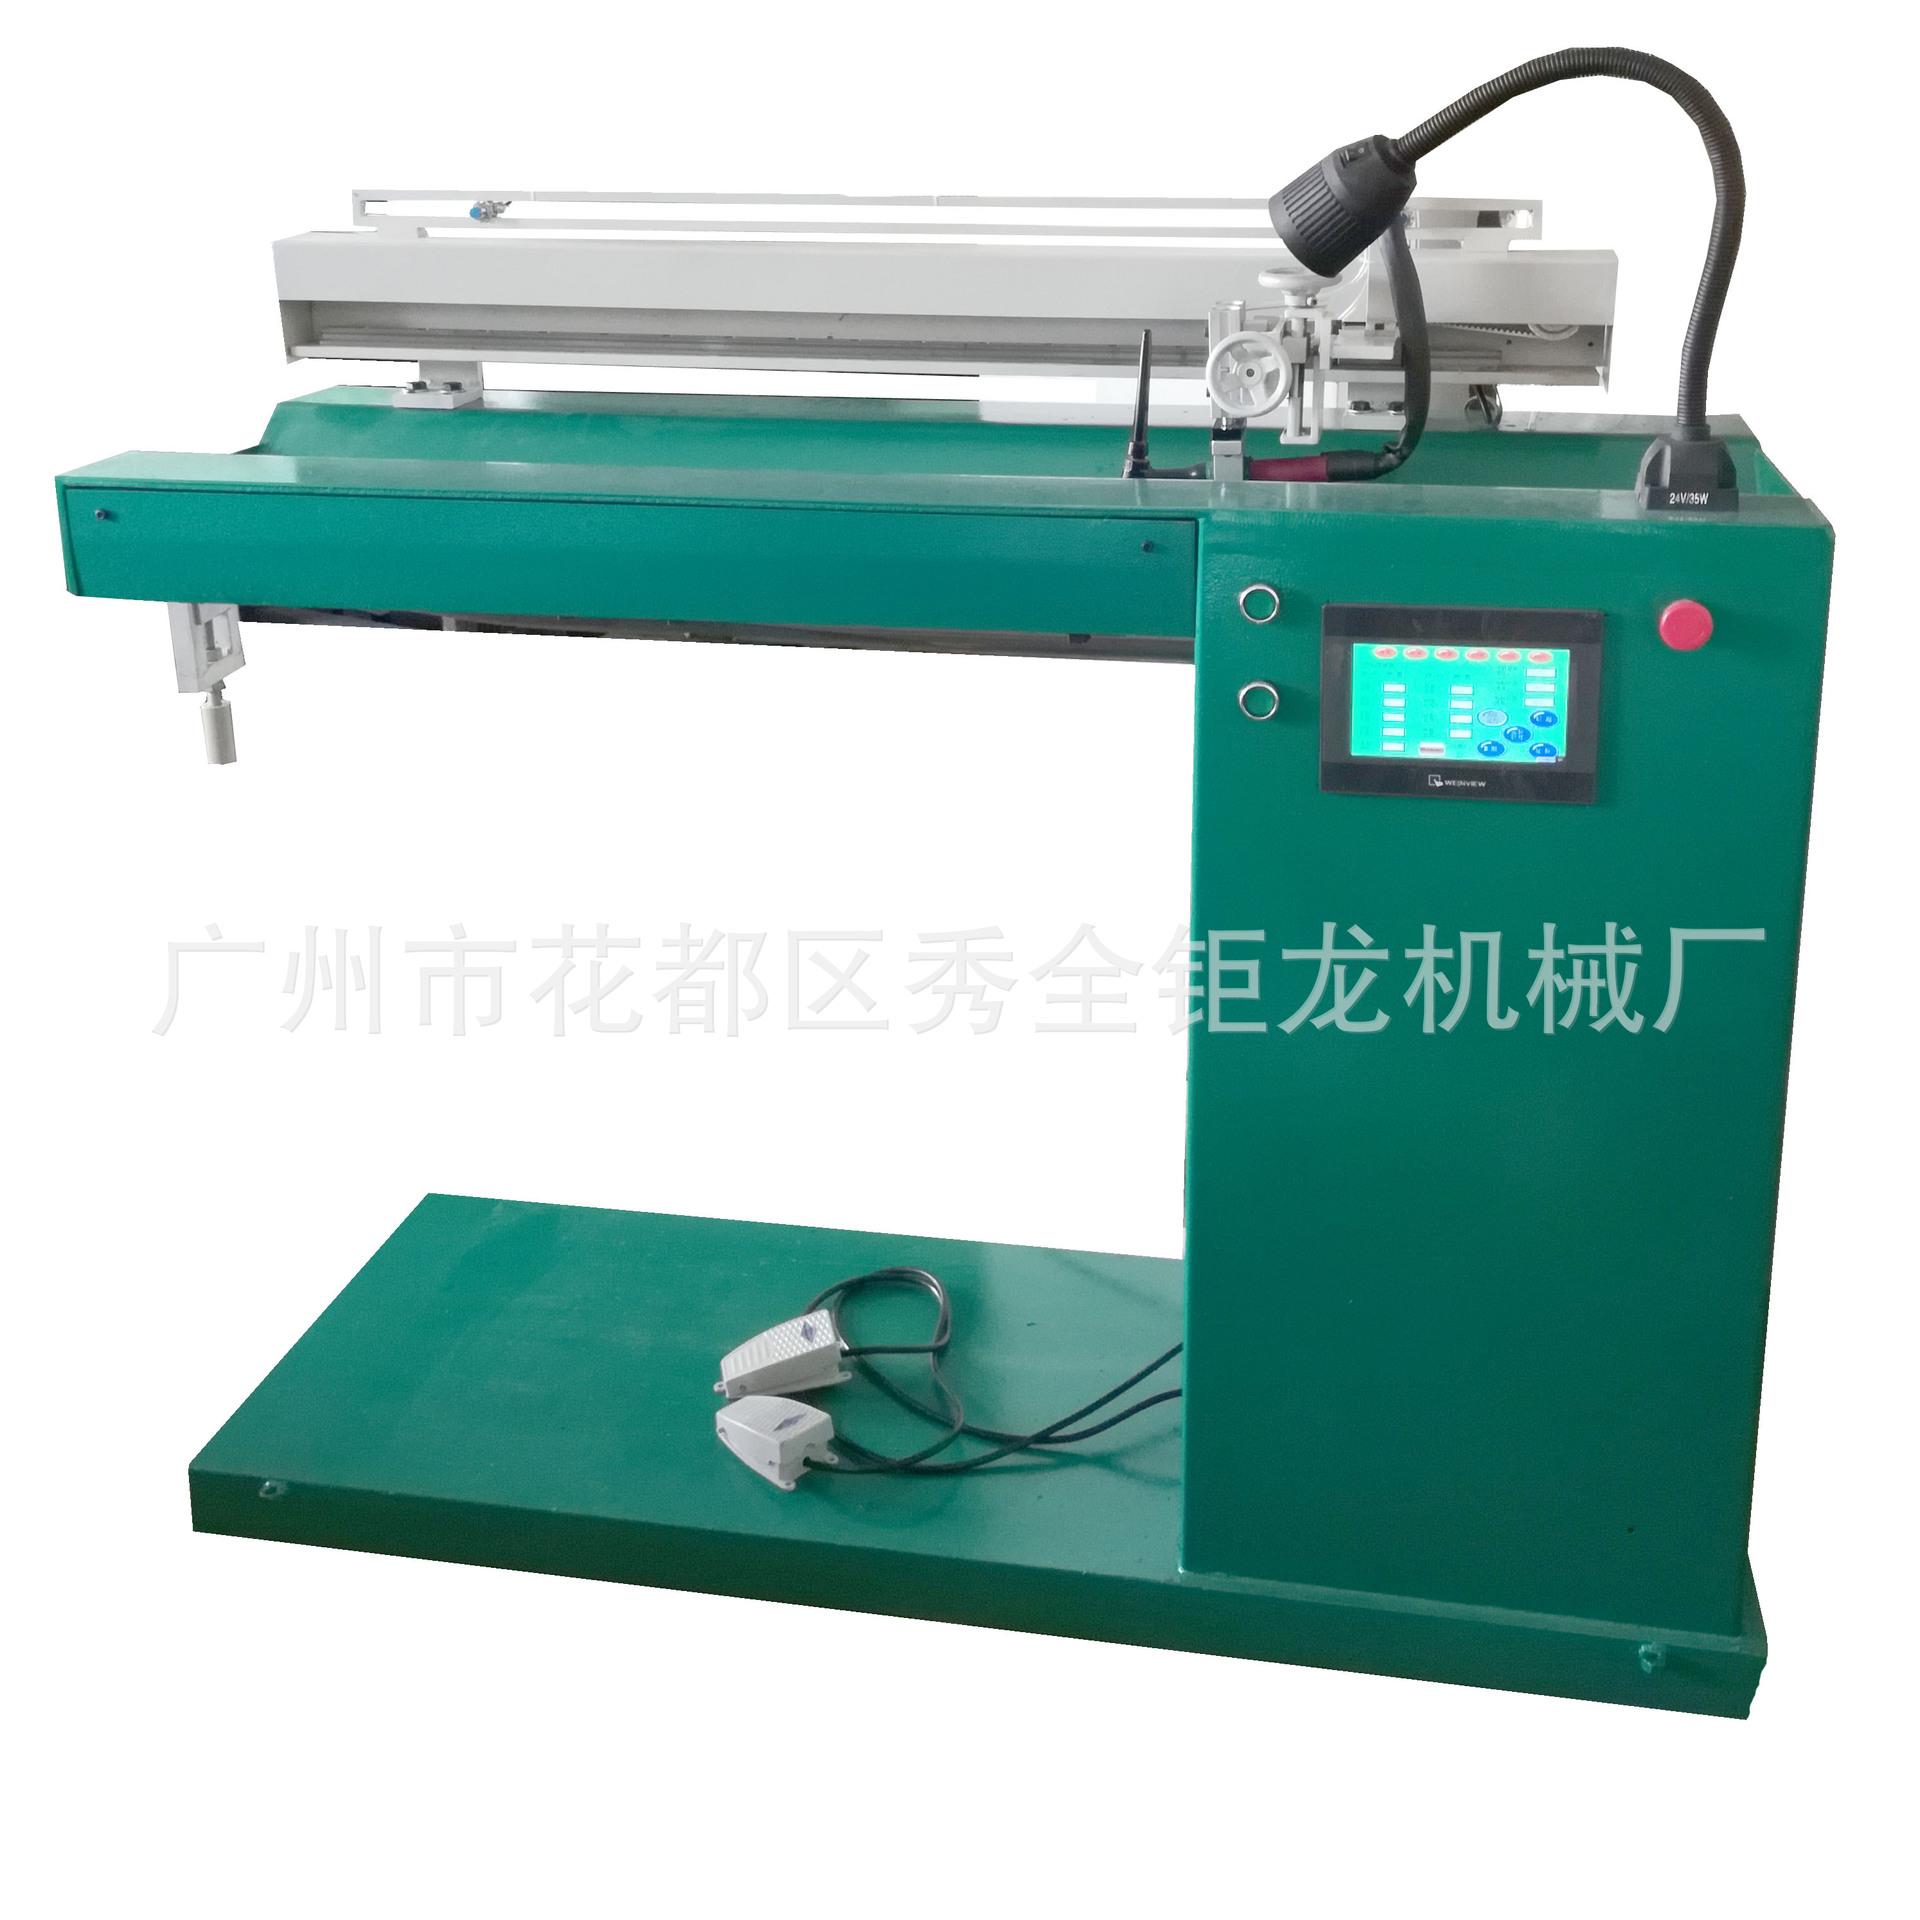 不锈钢自动氩弧焊直缝焊机直线缝焊机自动氩弧焊机